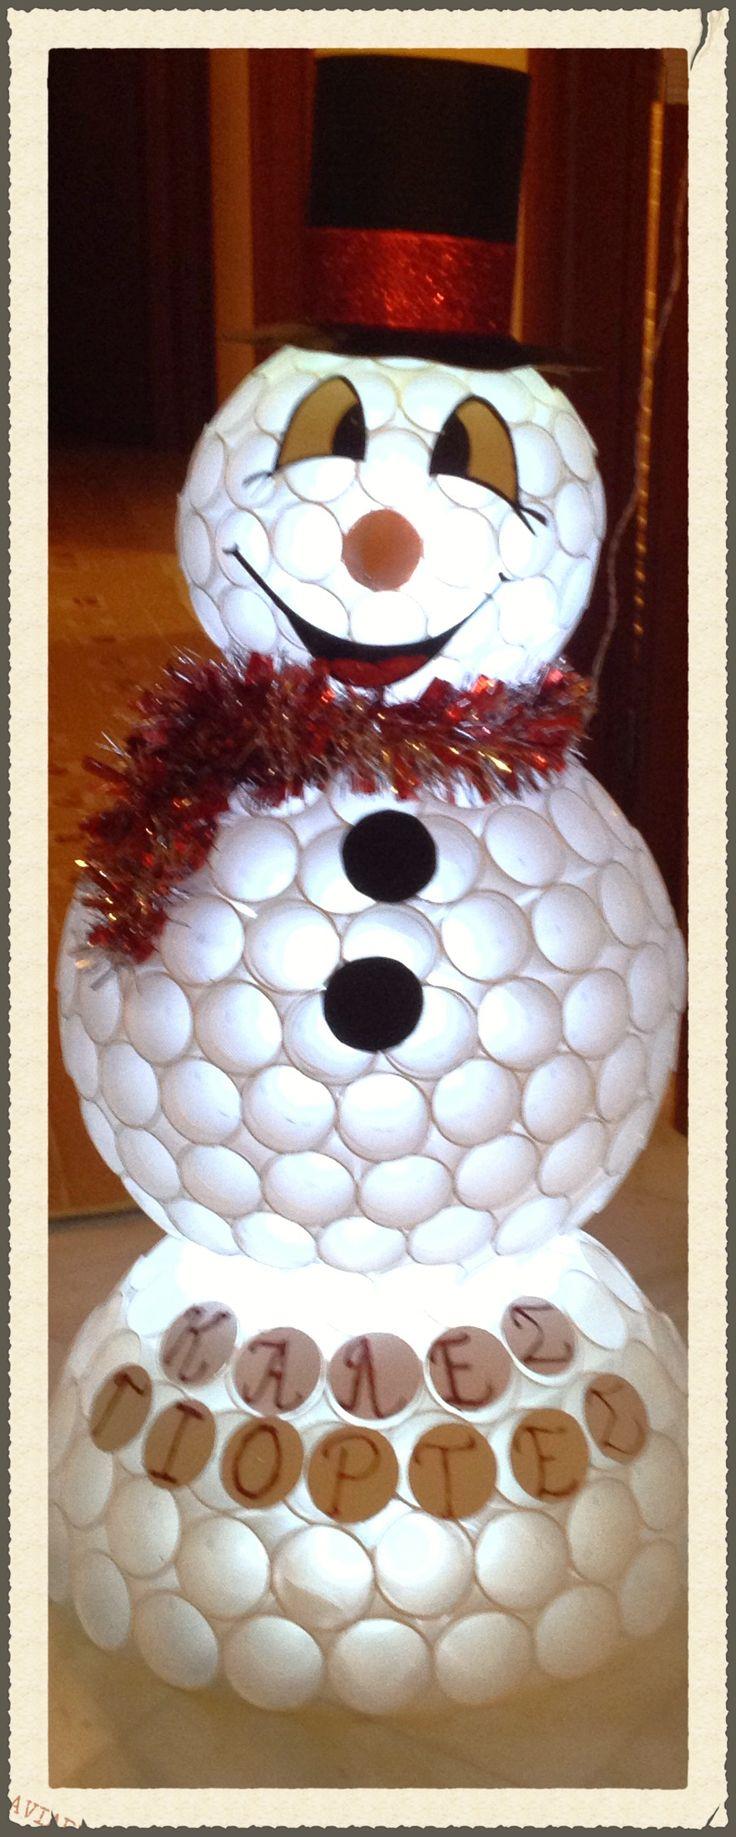 Χιονάνθρωπος με ποτηράκια πλαστικά.